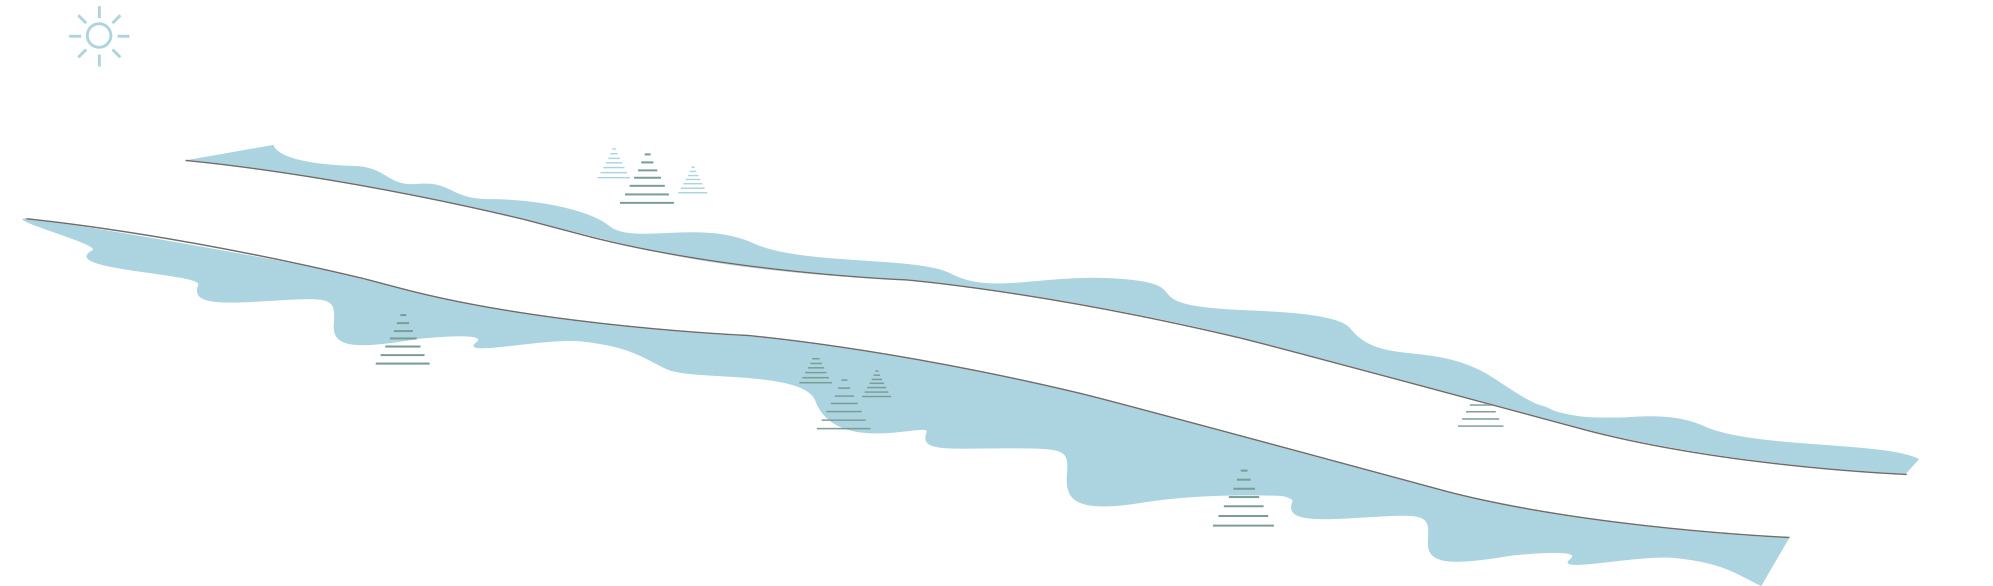 Figur 3.1d Terreng med varierende profil